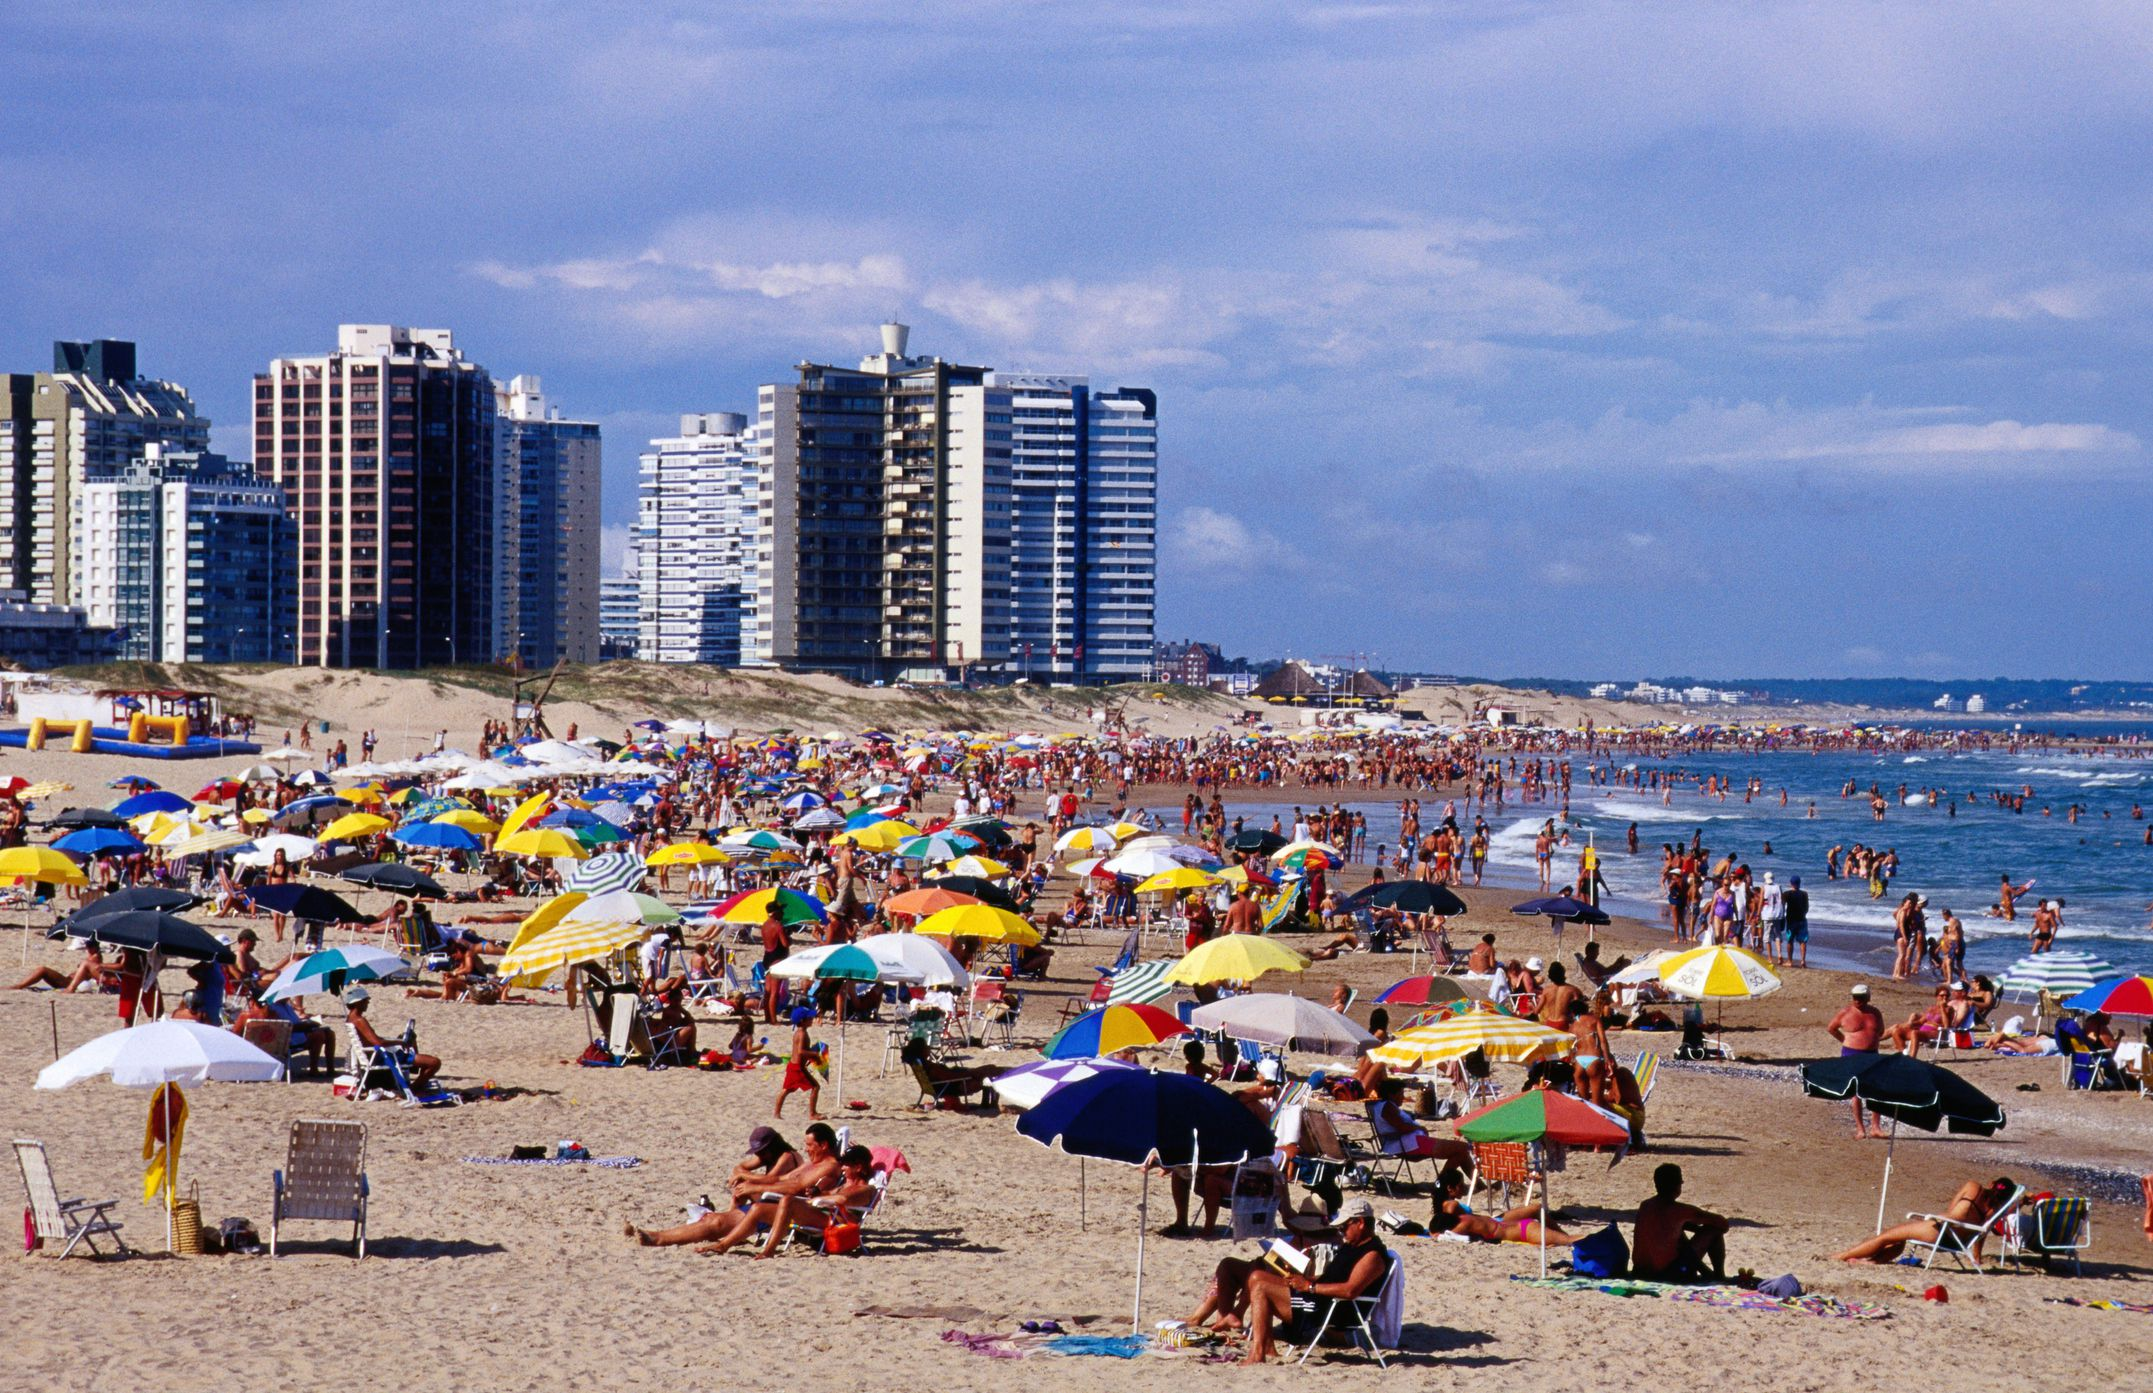 Playa Mansa de Punta del Este, Uruguay   Outdoor, Beach, Water